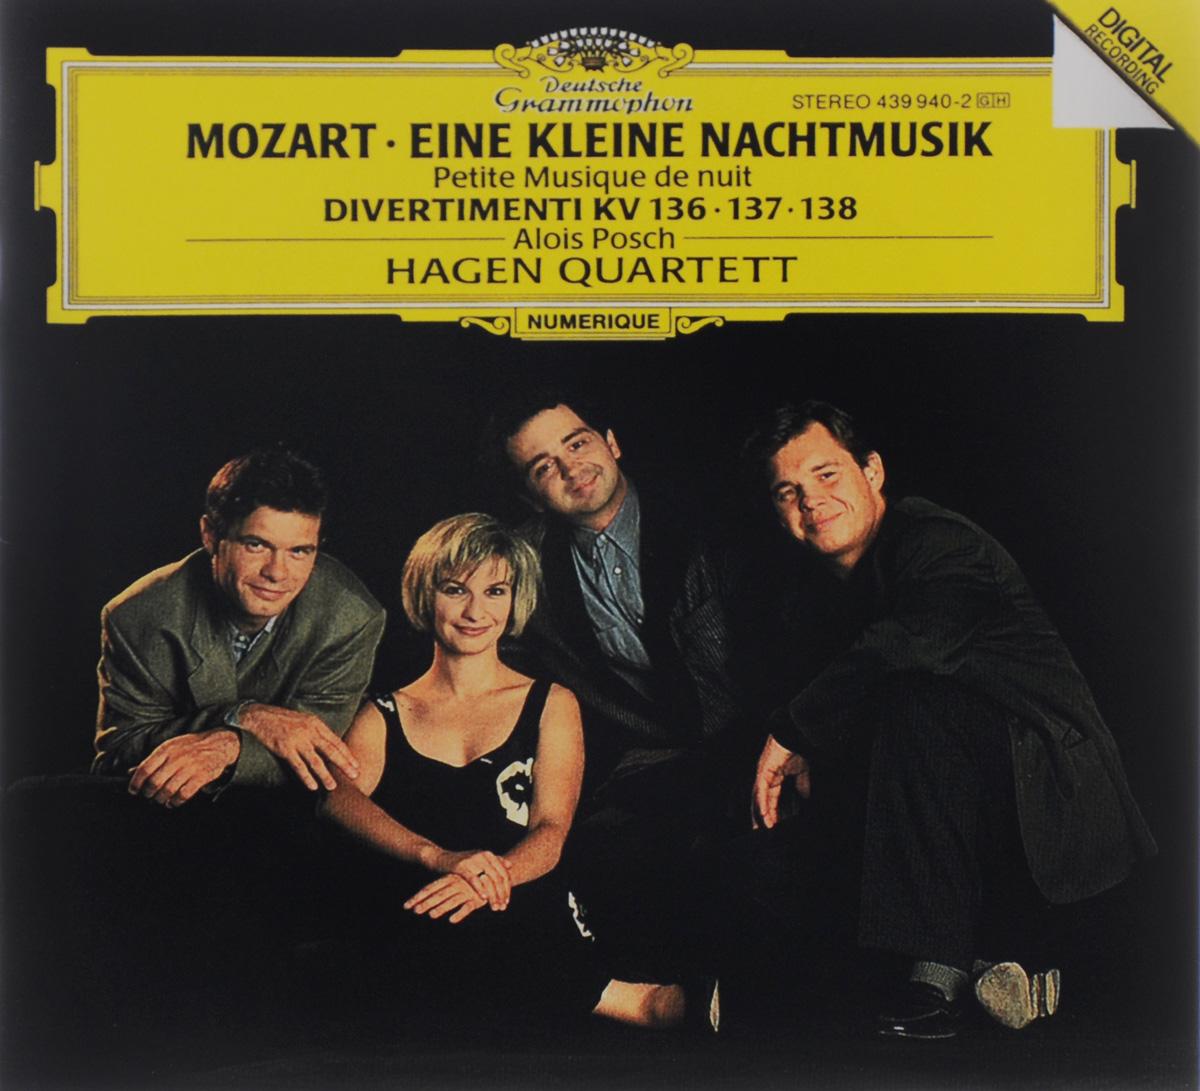 Алоис Пош,Hagen Quartett Alois Posch. Mozart. Eine Kleine Nachtmusik / Divertimenti KV 136, 137, 138 карандаш пош